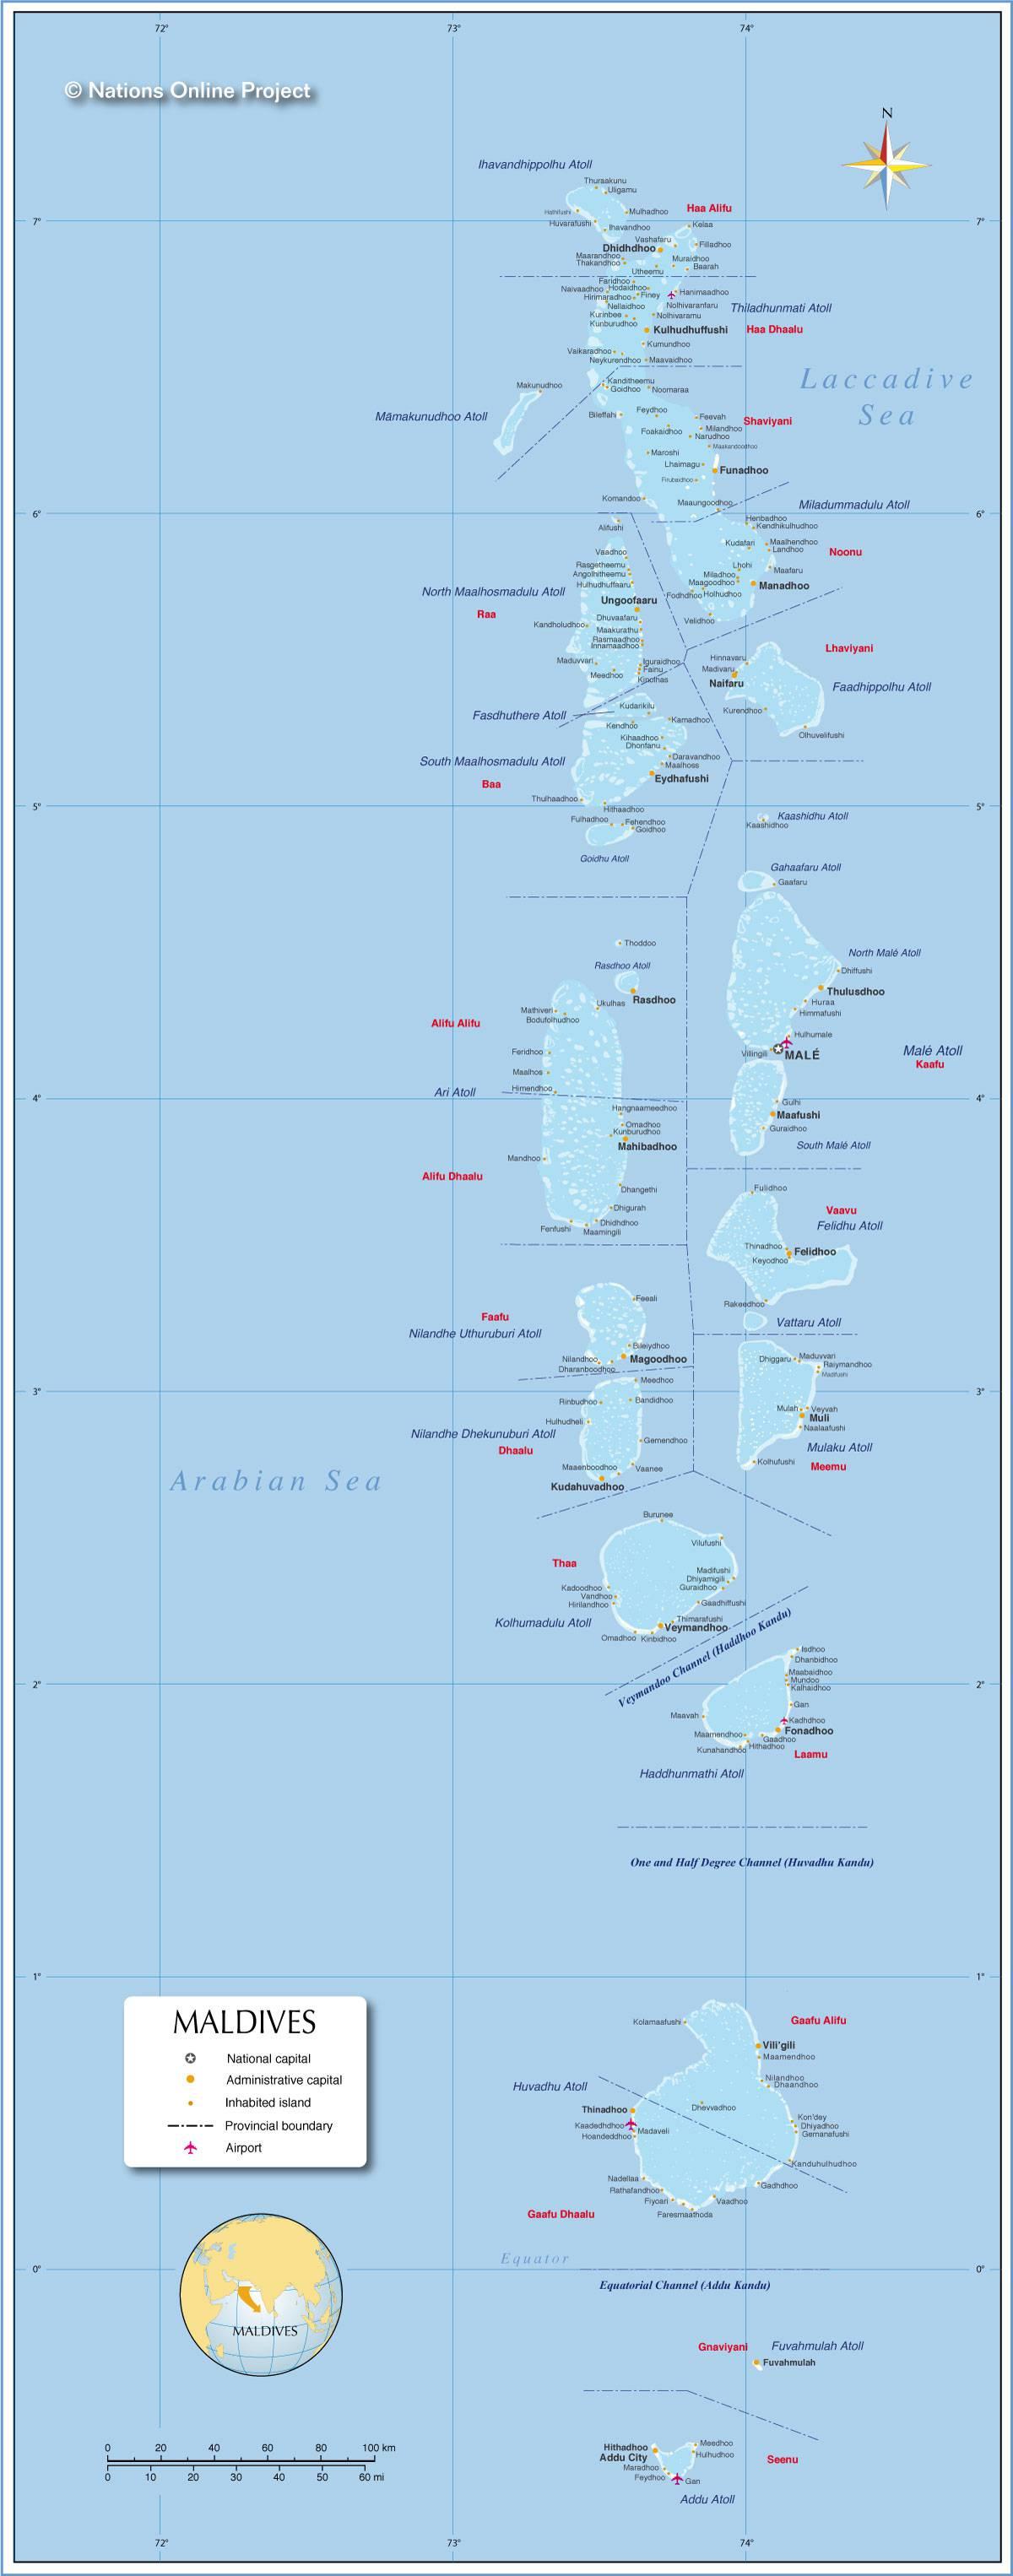 Carte Asie Maldives.Carte Des Maldives Plusieurs Cartes Du Pays Se Trouvant En Asie